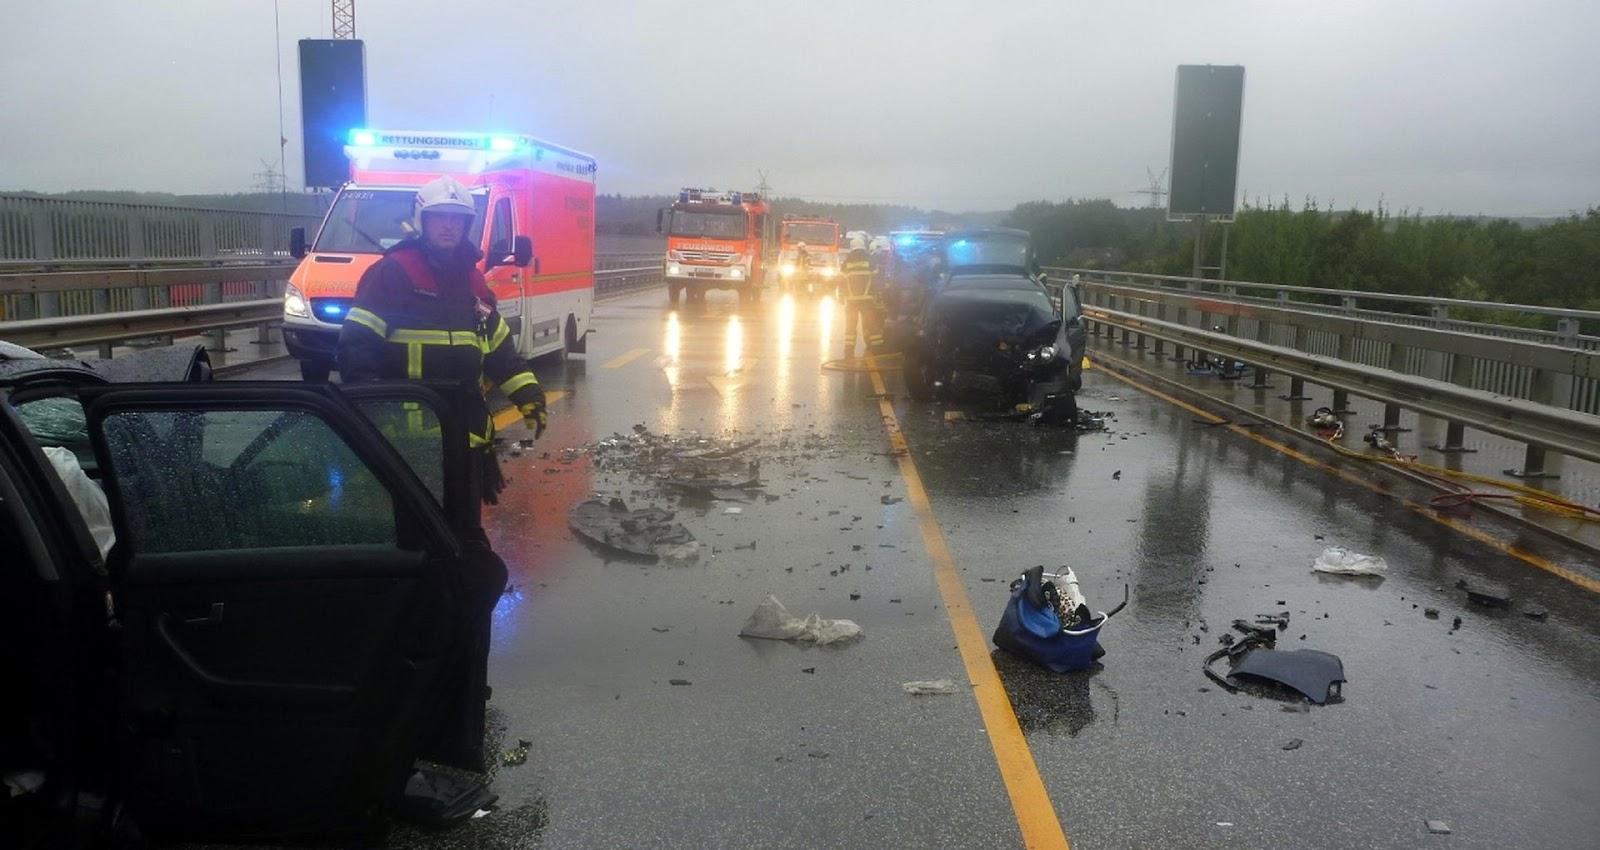 Lkw-Unfall A23 Heute